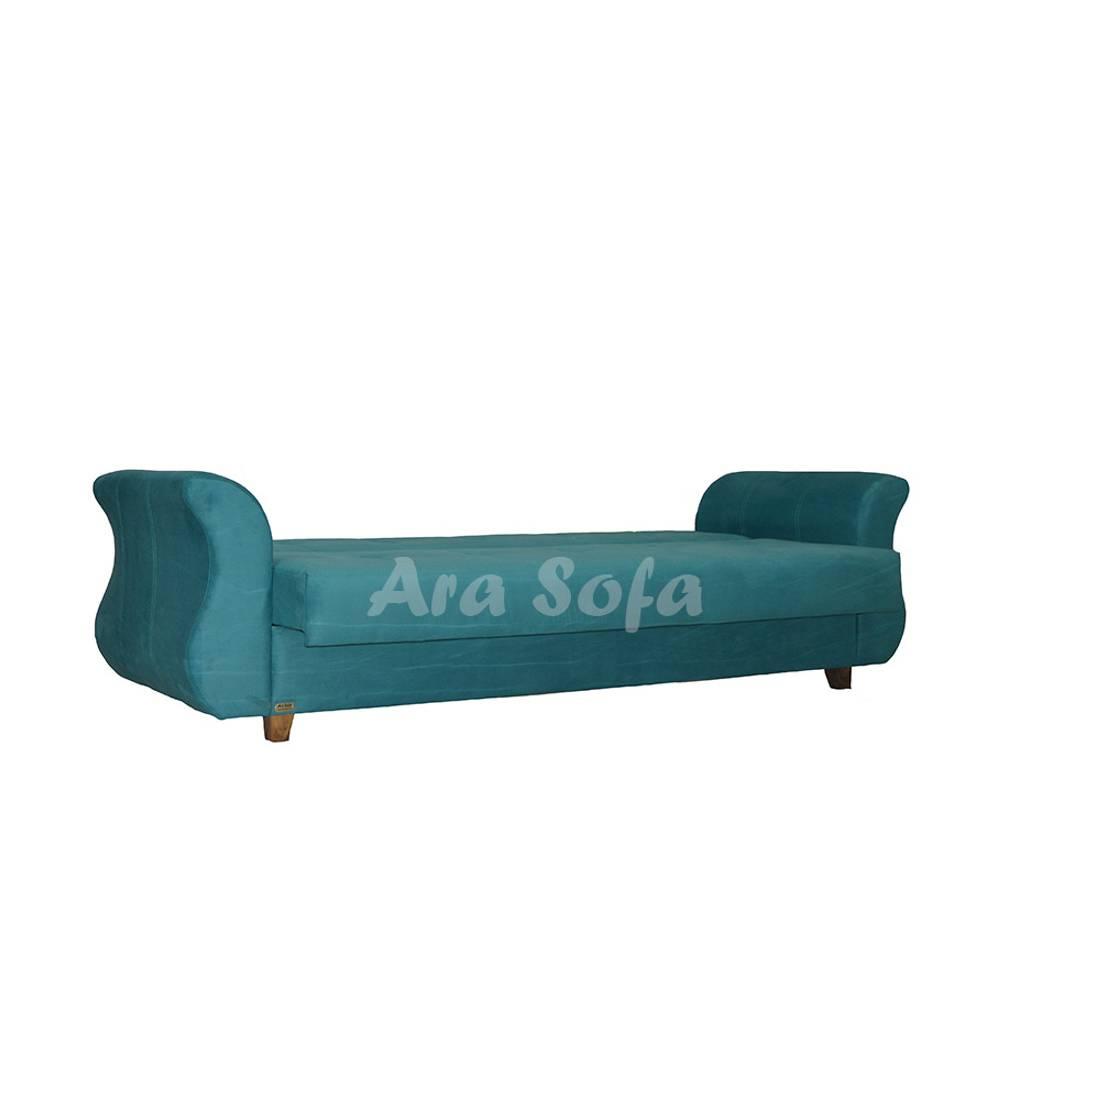 تختخوابشو یک نفره مبل کاناپه تختخواب شو مدرن و شیک b13 (2)